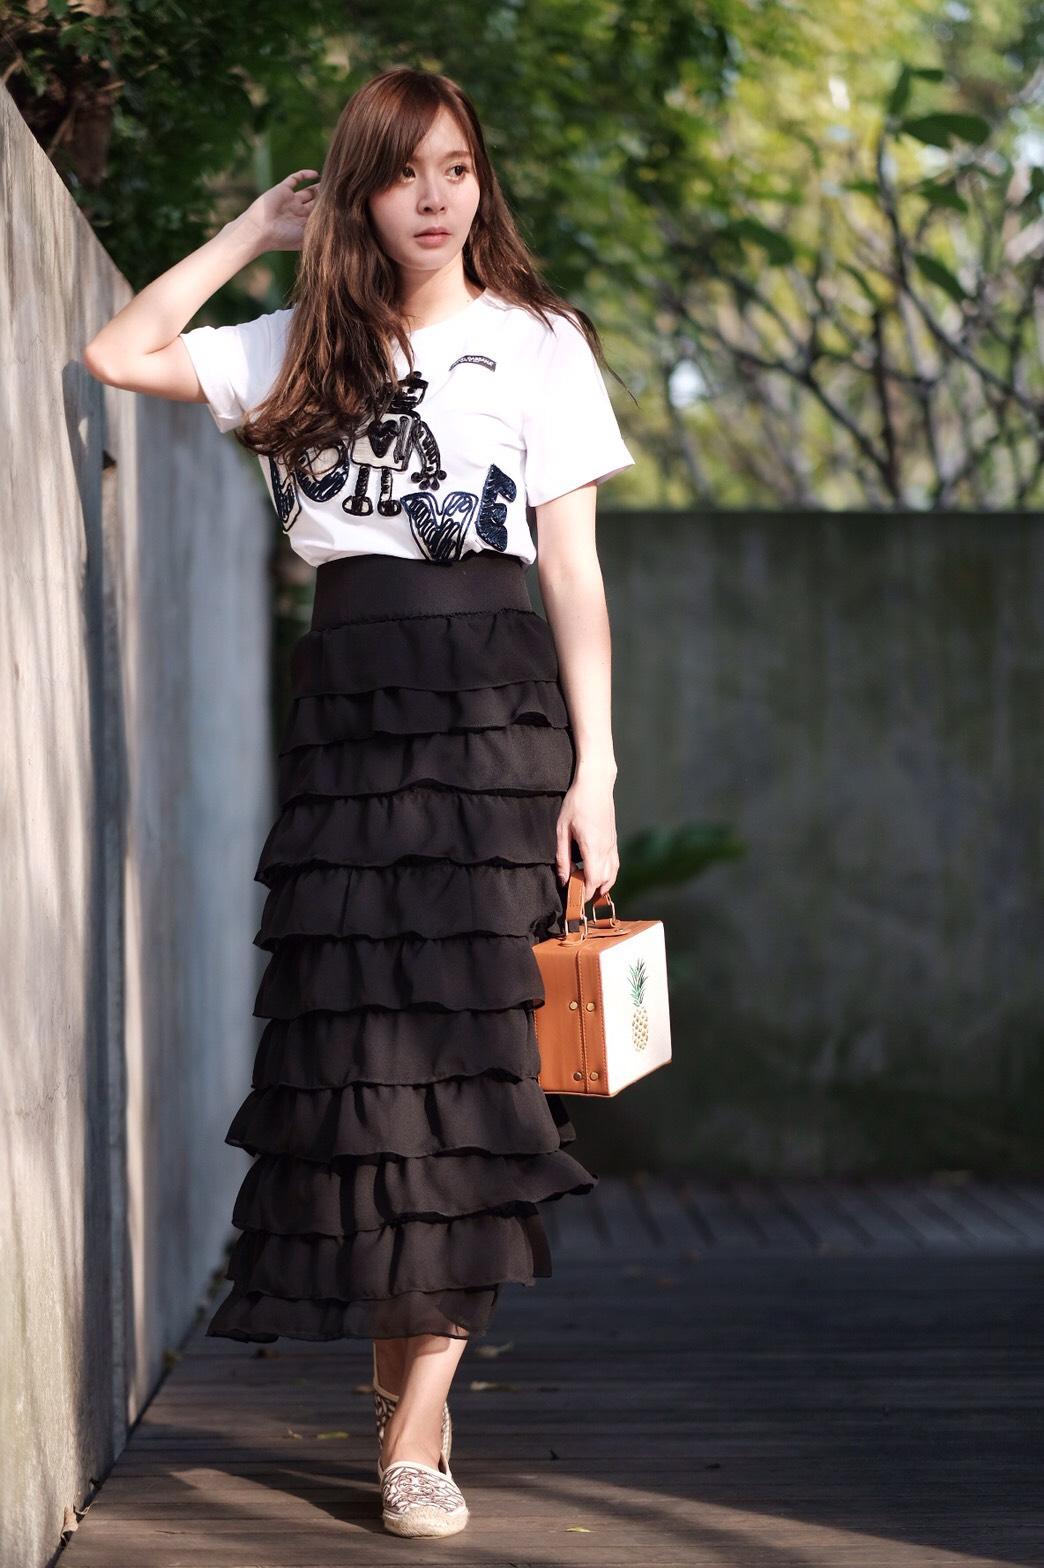 Luna skirt กระโปรงระบายชั้นเอวสูงตัวยาวทรงสอบค่ะ ประดับระบาย 11 ชั้น ทรงสวยน่ารักสุดๆ ชายระบายเย็บริมทุกชั้น ไม่รุ่ย แมตซ์กับเสื้อยืด เสื้อแขนกุดเหมือนนางแบบก็สวยแล้วค่ะ